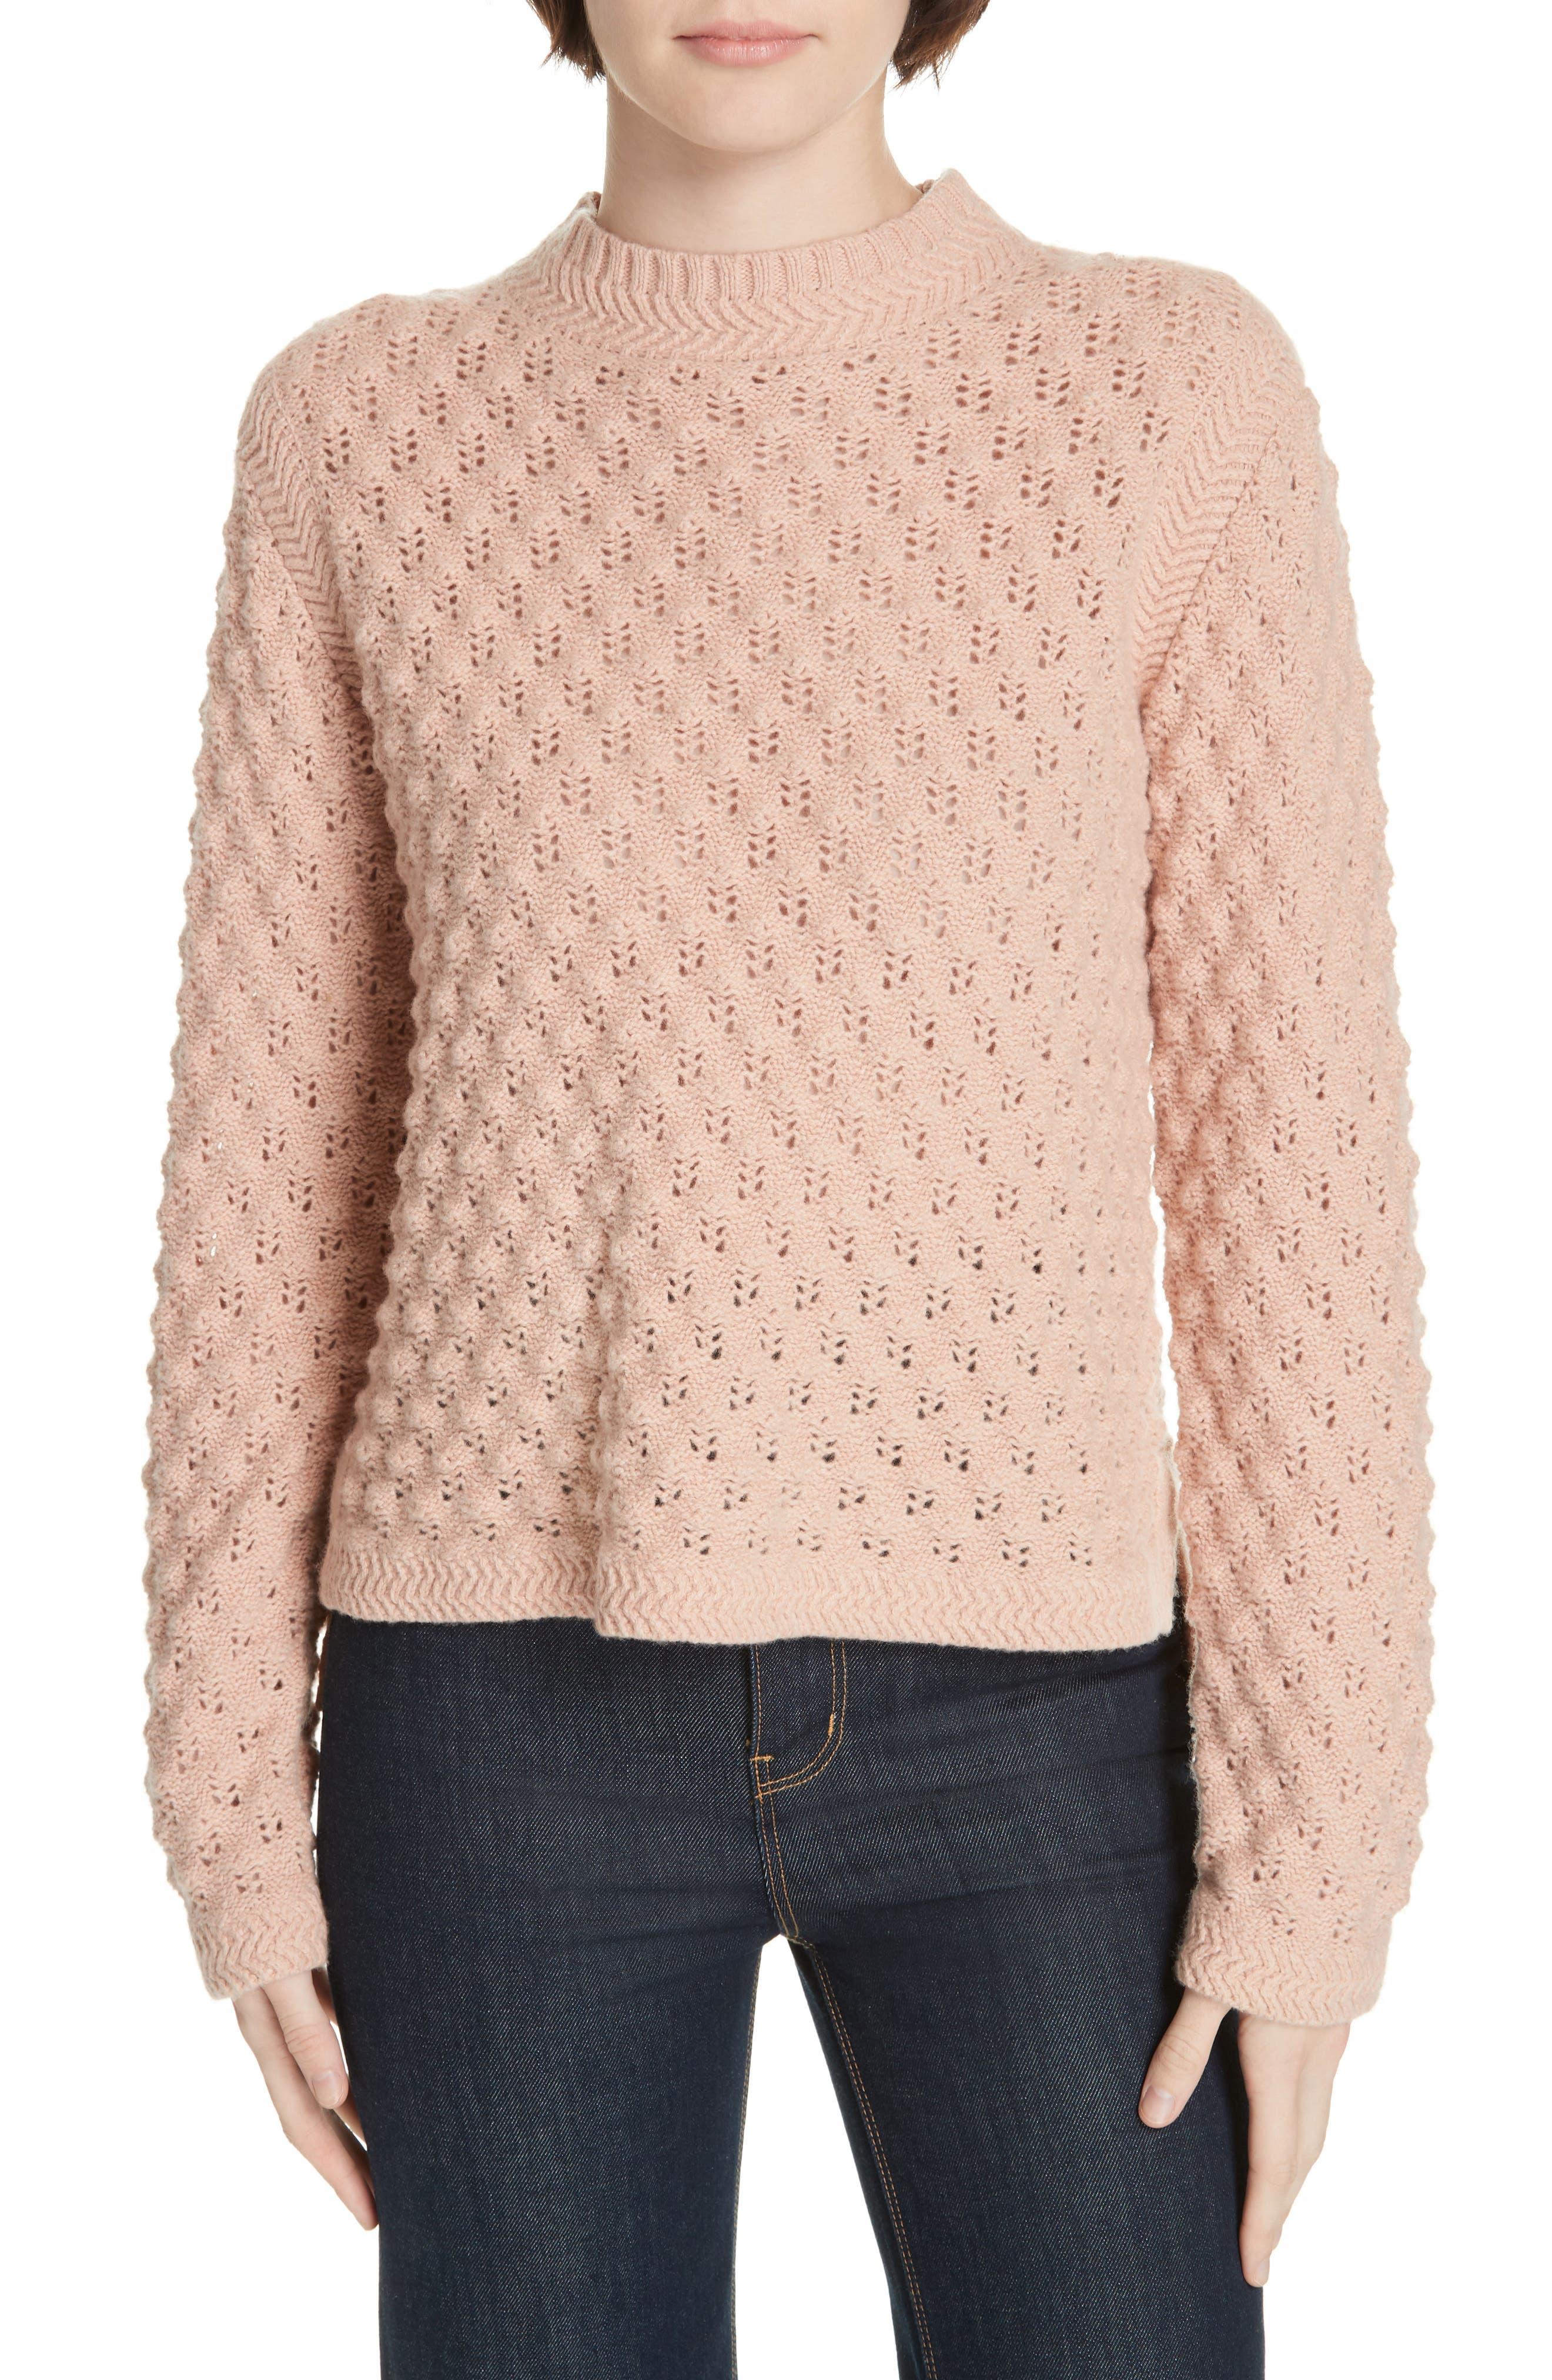 LA VIE REBECCA TAYLOR Pointelle Sweater in Bellini